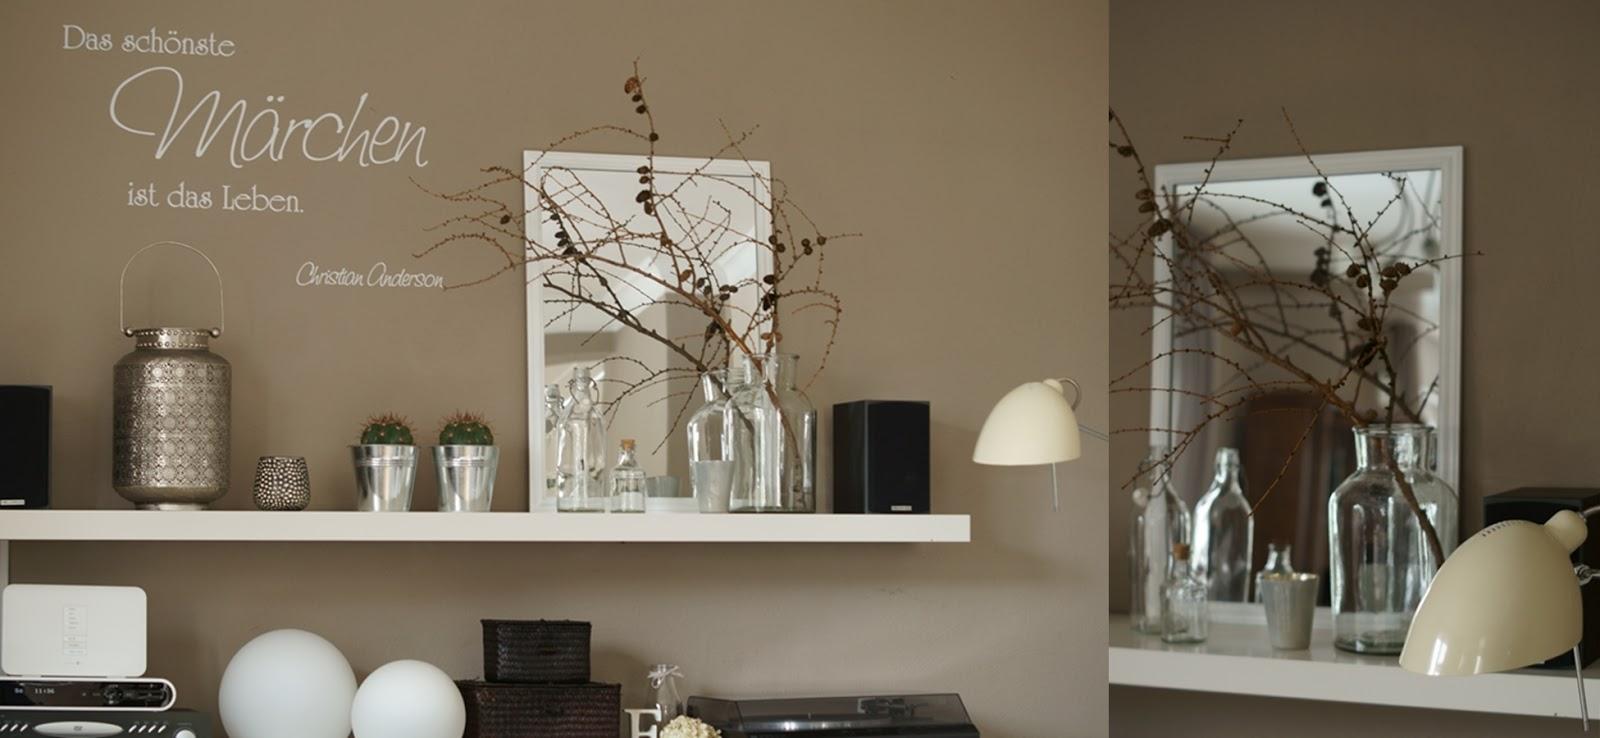 Wohnzimmer Deko Braun ~ Home Design und Möbel Interieur Inspiration